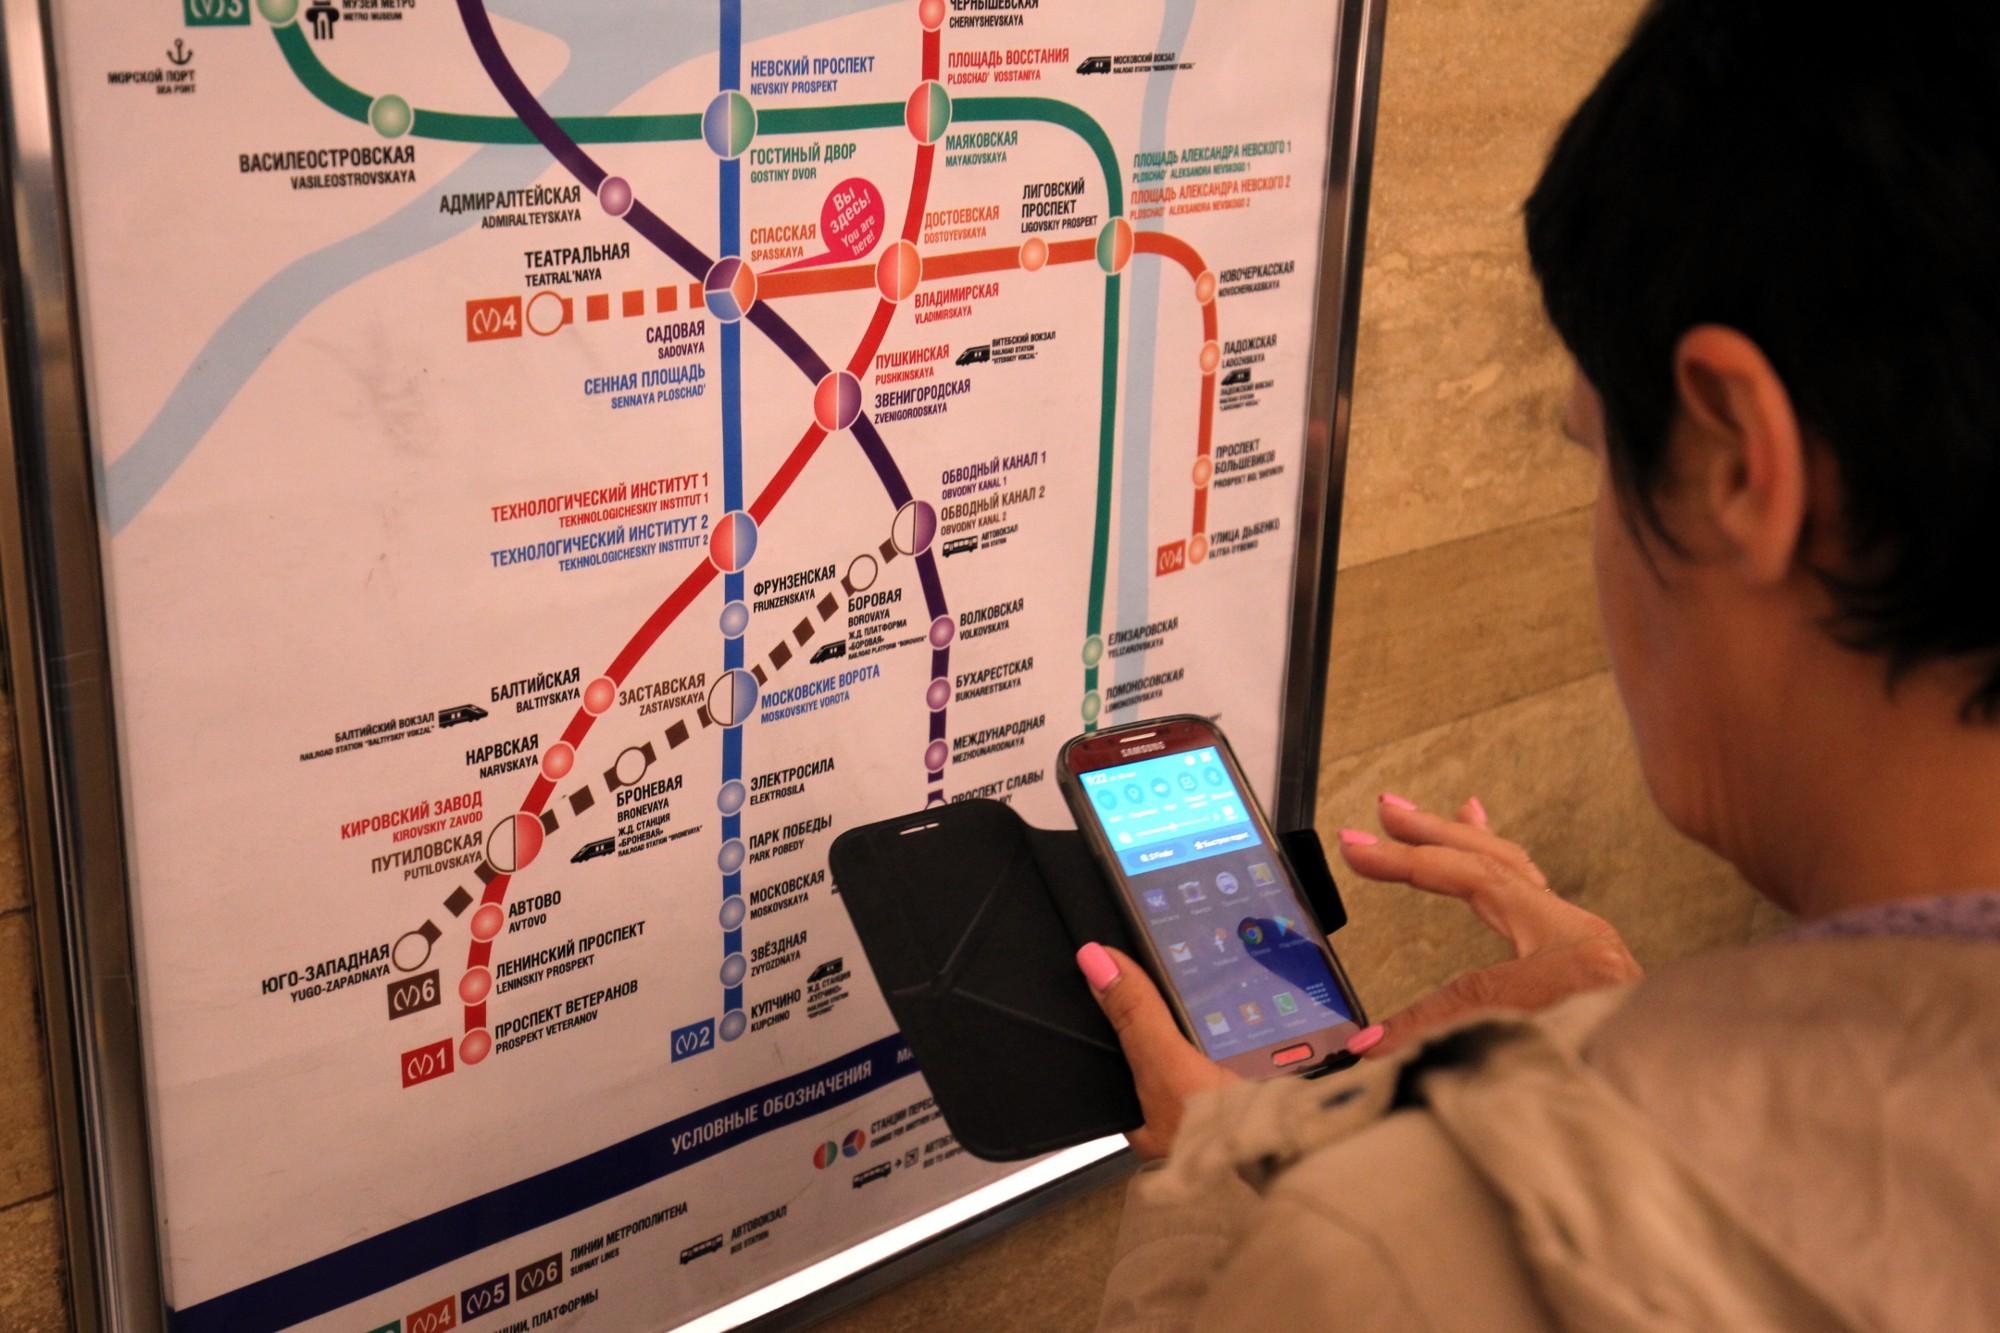 метрополитен станция спасская wi-fi смартфон карта